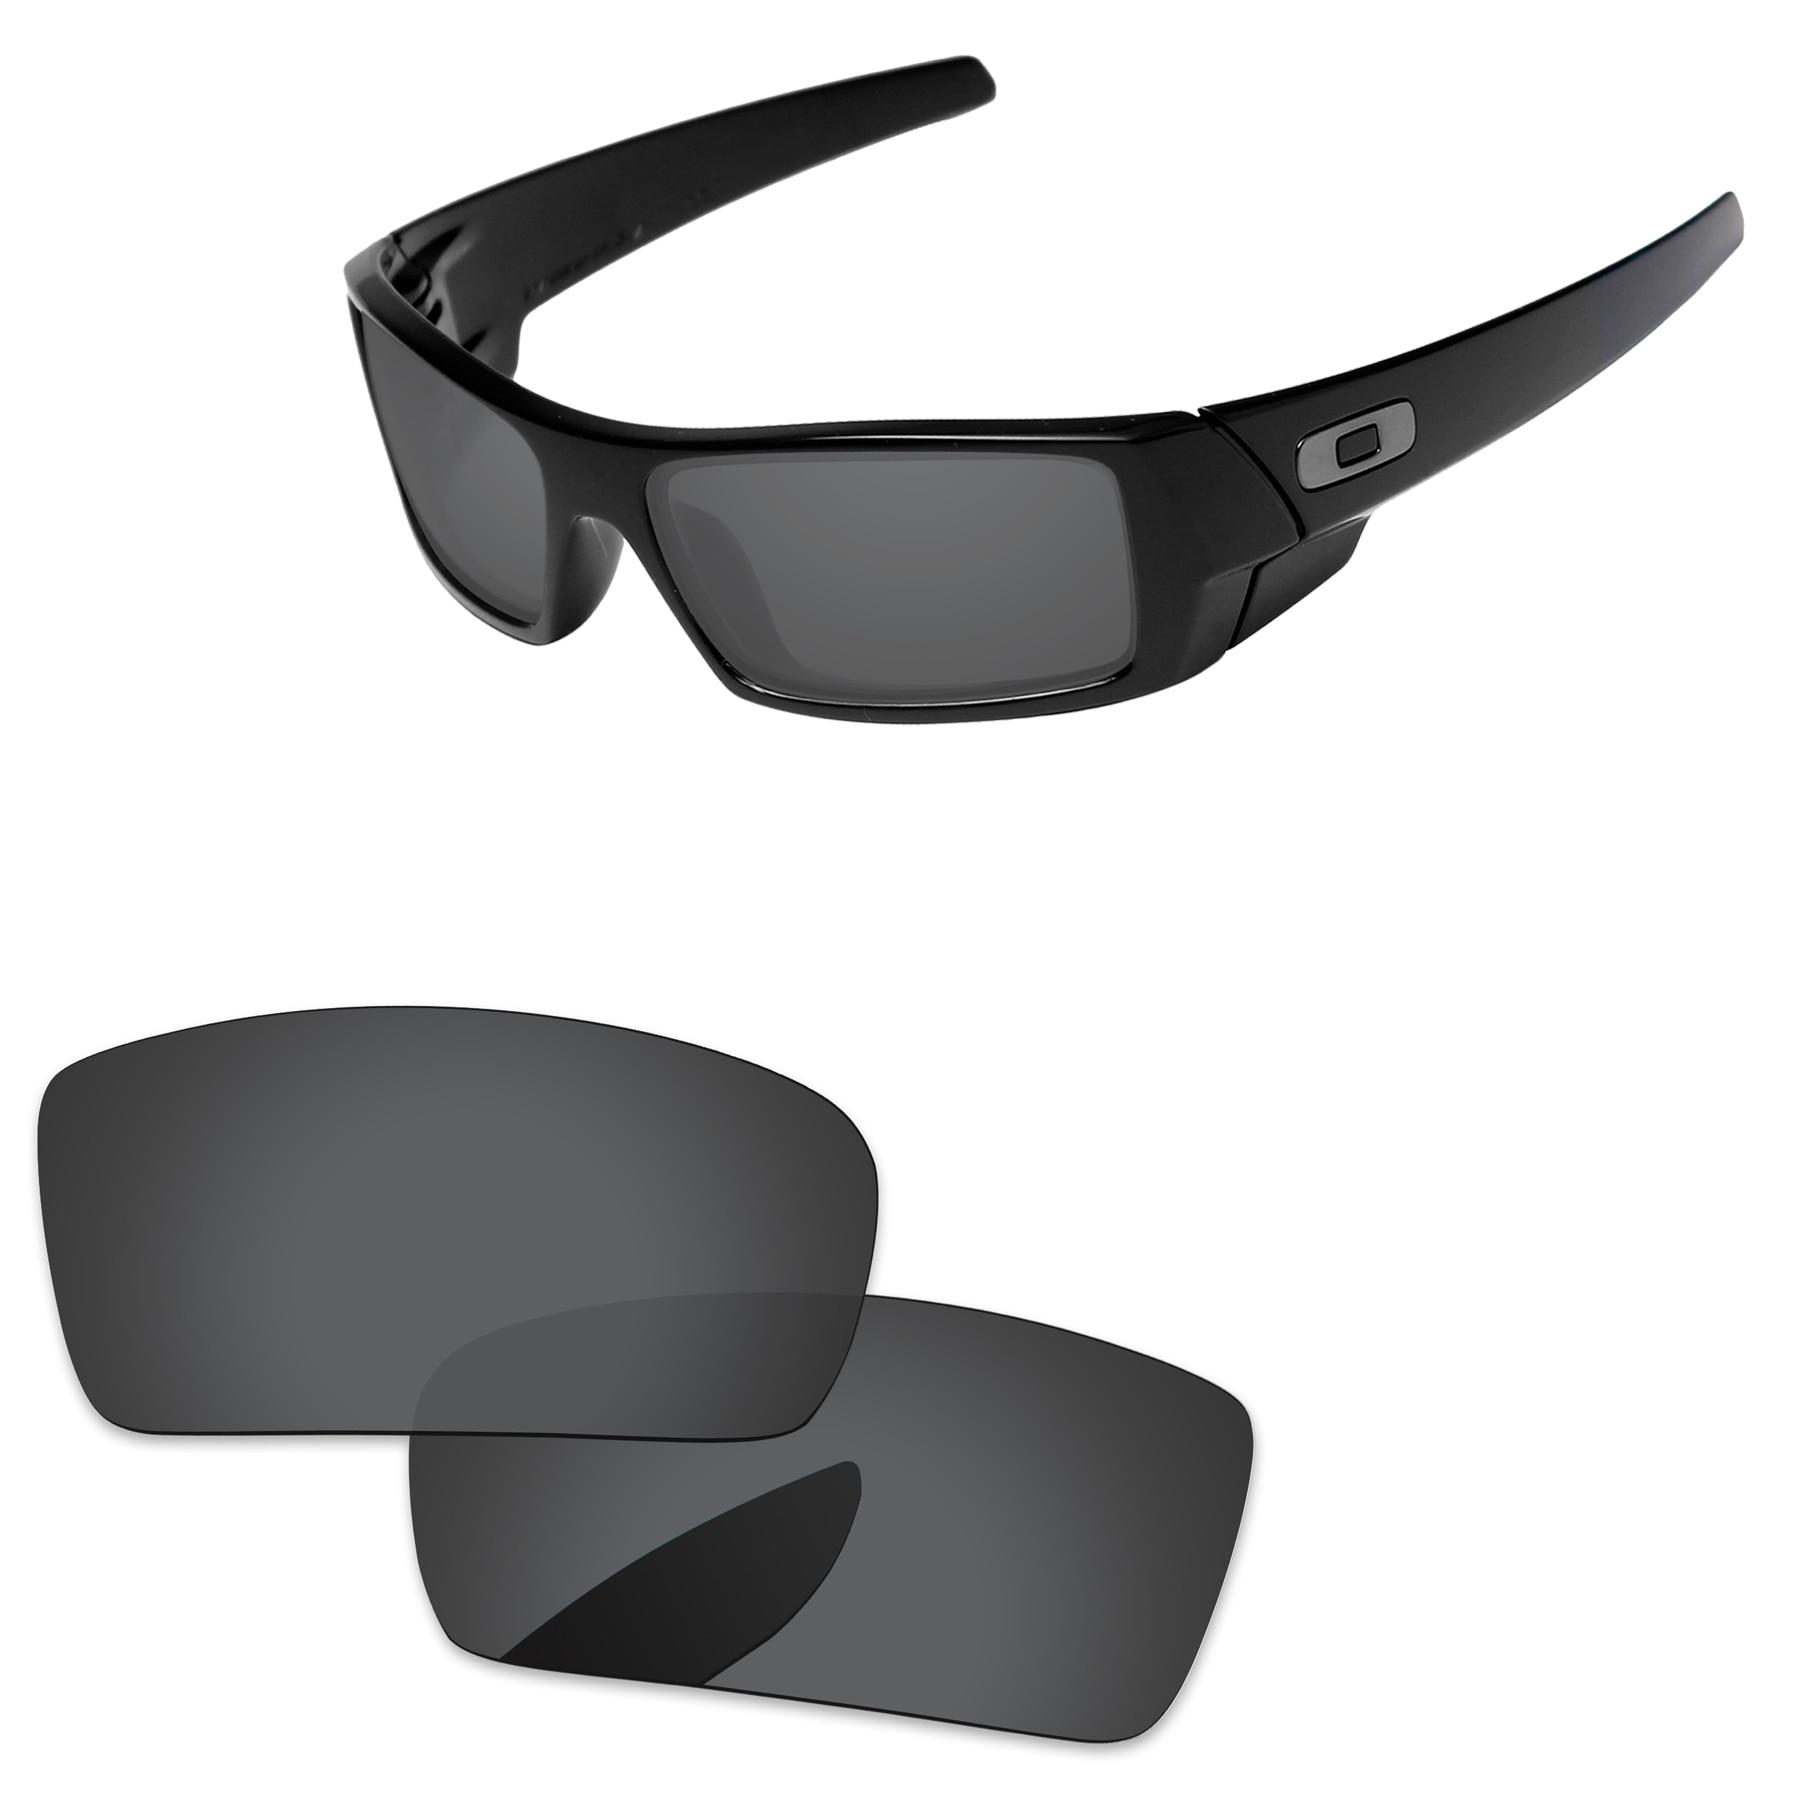 160b9ab1e1 Cheap Lentes de repuesto polarizados negros para gafas de sol Gascan marco  100% Protección UVA